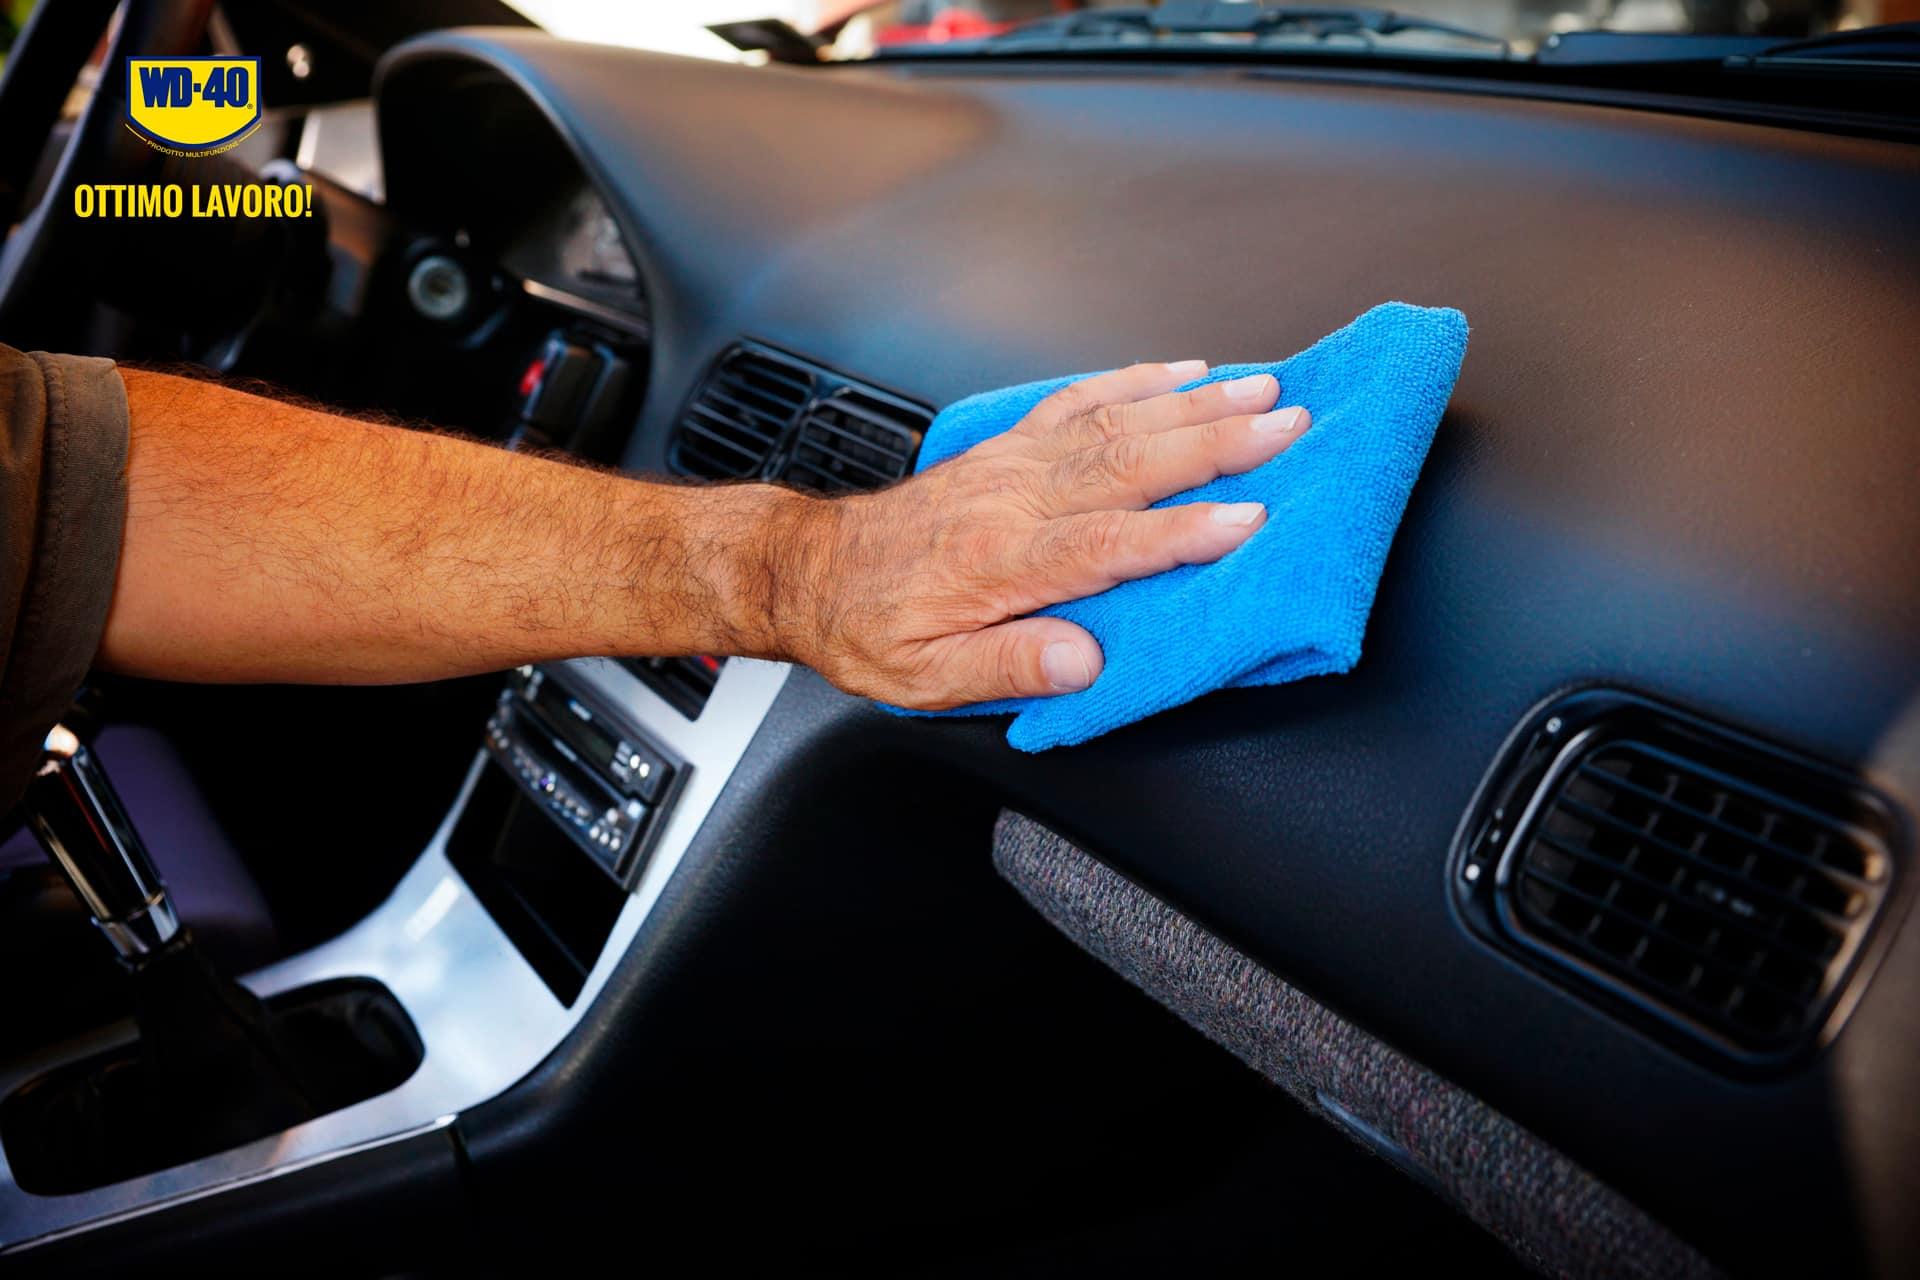 come pulire le parti in plastica dell'auto